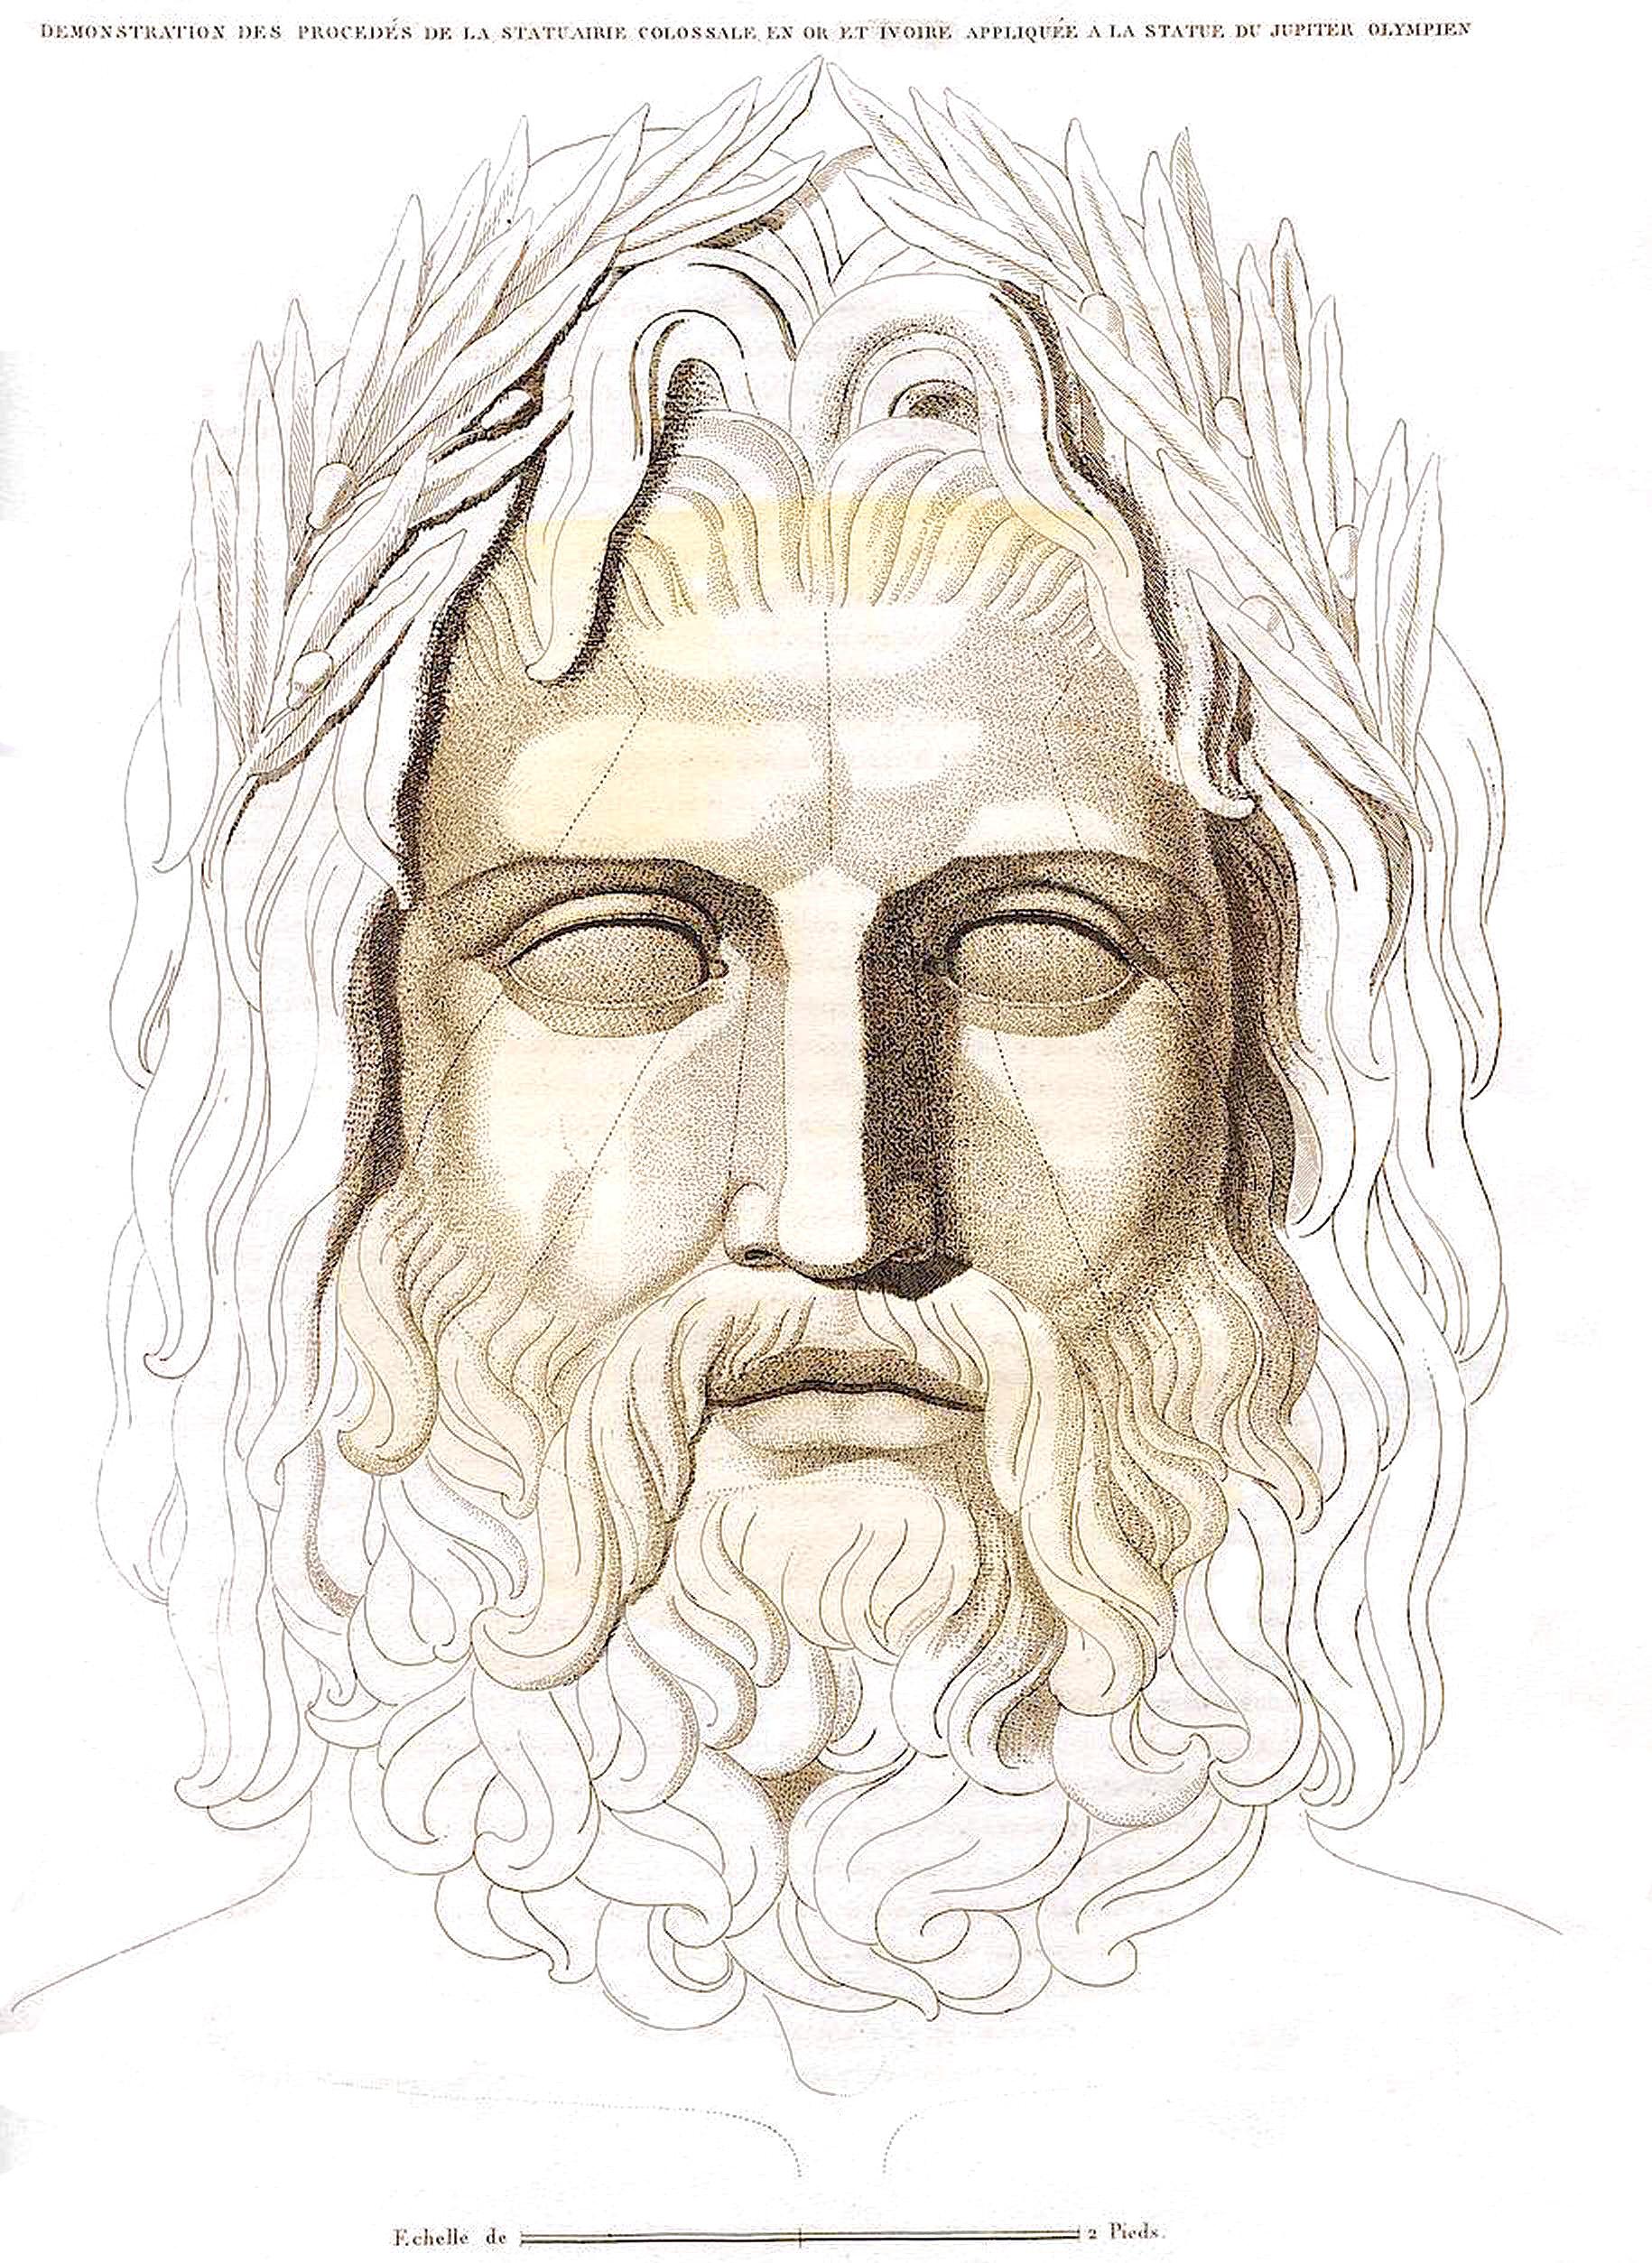 30. Юпитер из слоновой кости  Demonstration des precedes de la statuaire colossale en ivoire, appliquee au Jupiter Olympien en ivoire